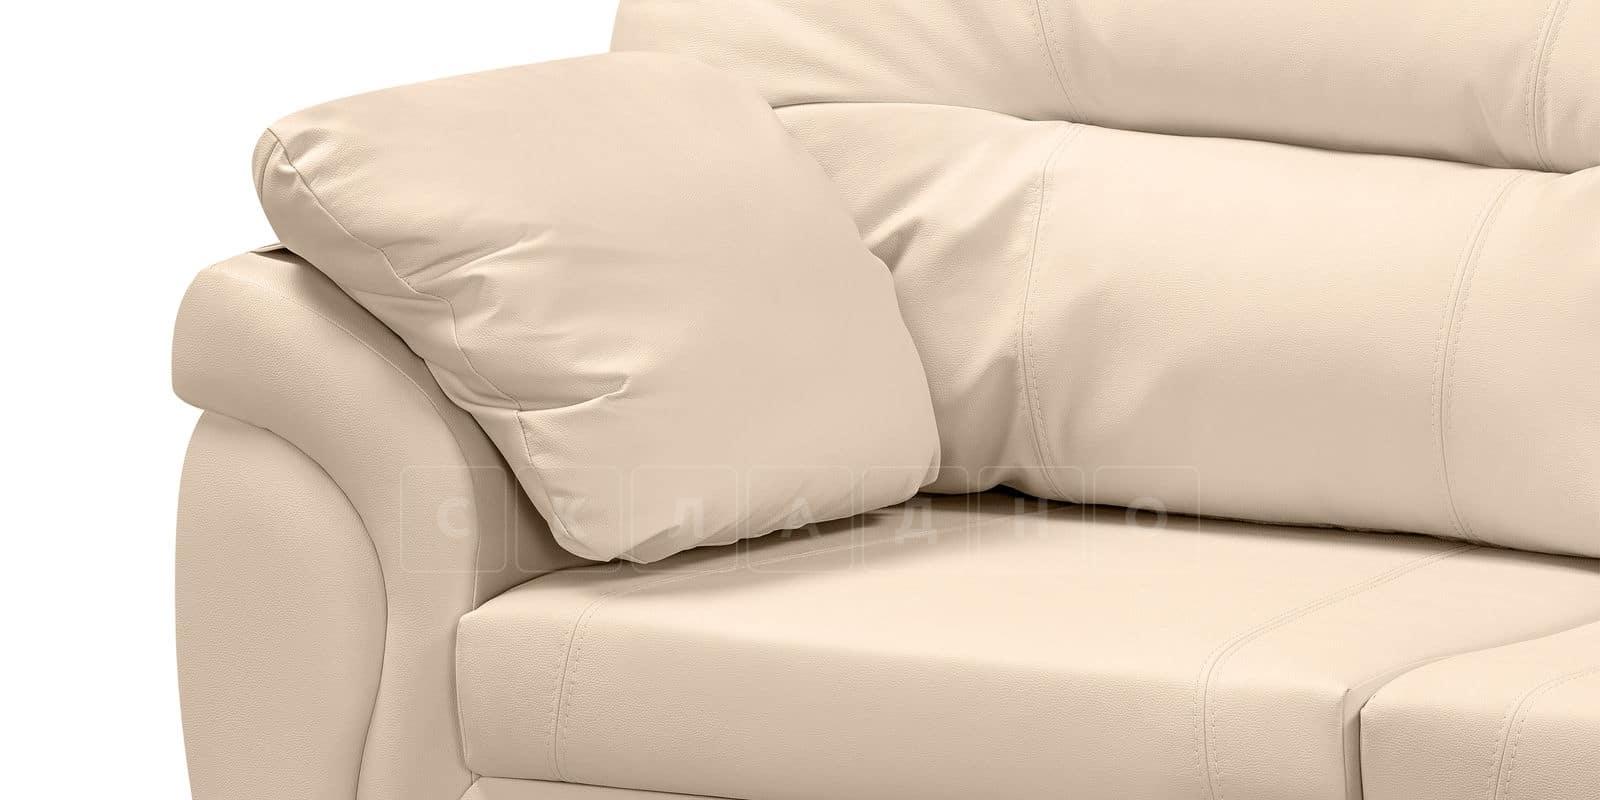 Диван угловой Бристоль кожаный бежевого цвета левый угол фото 7   интернет-магазин Складно